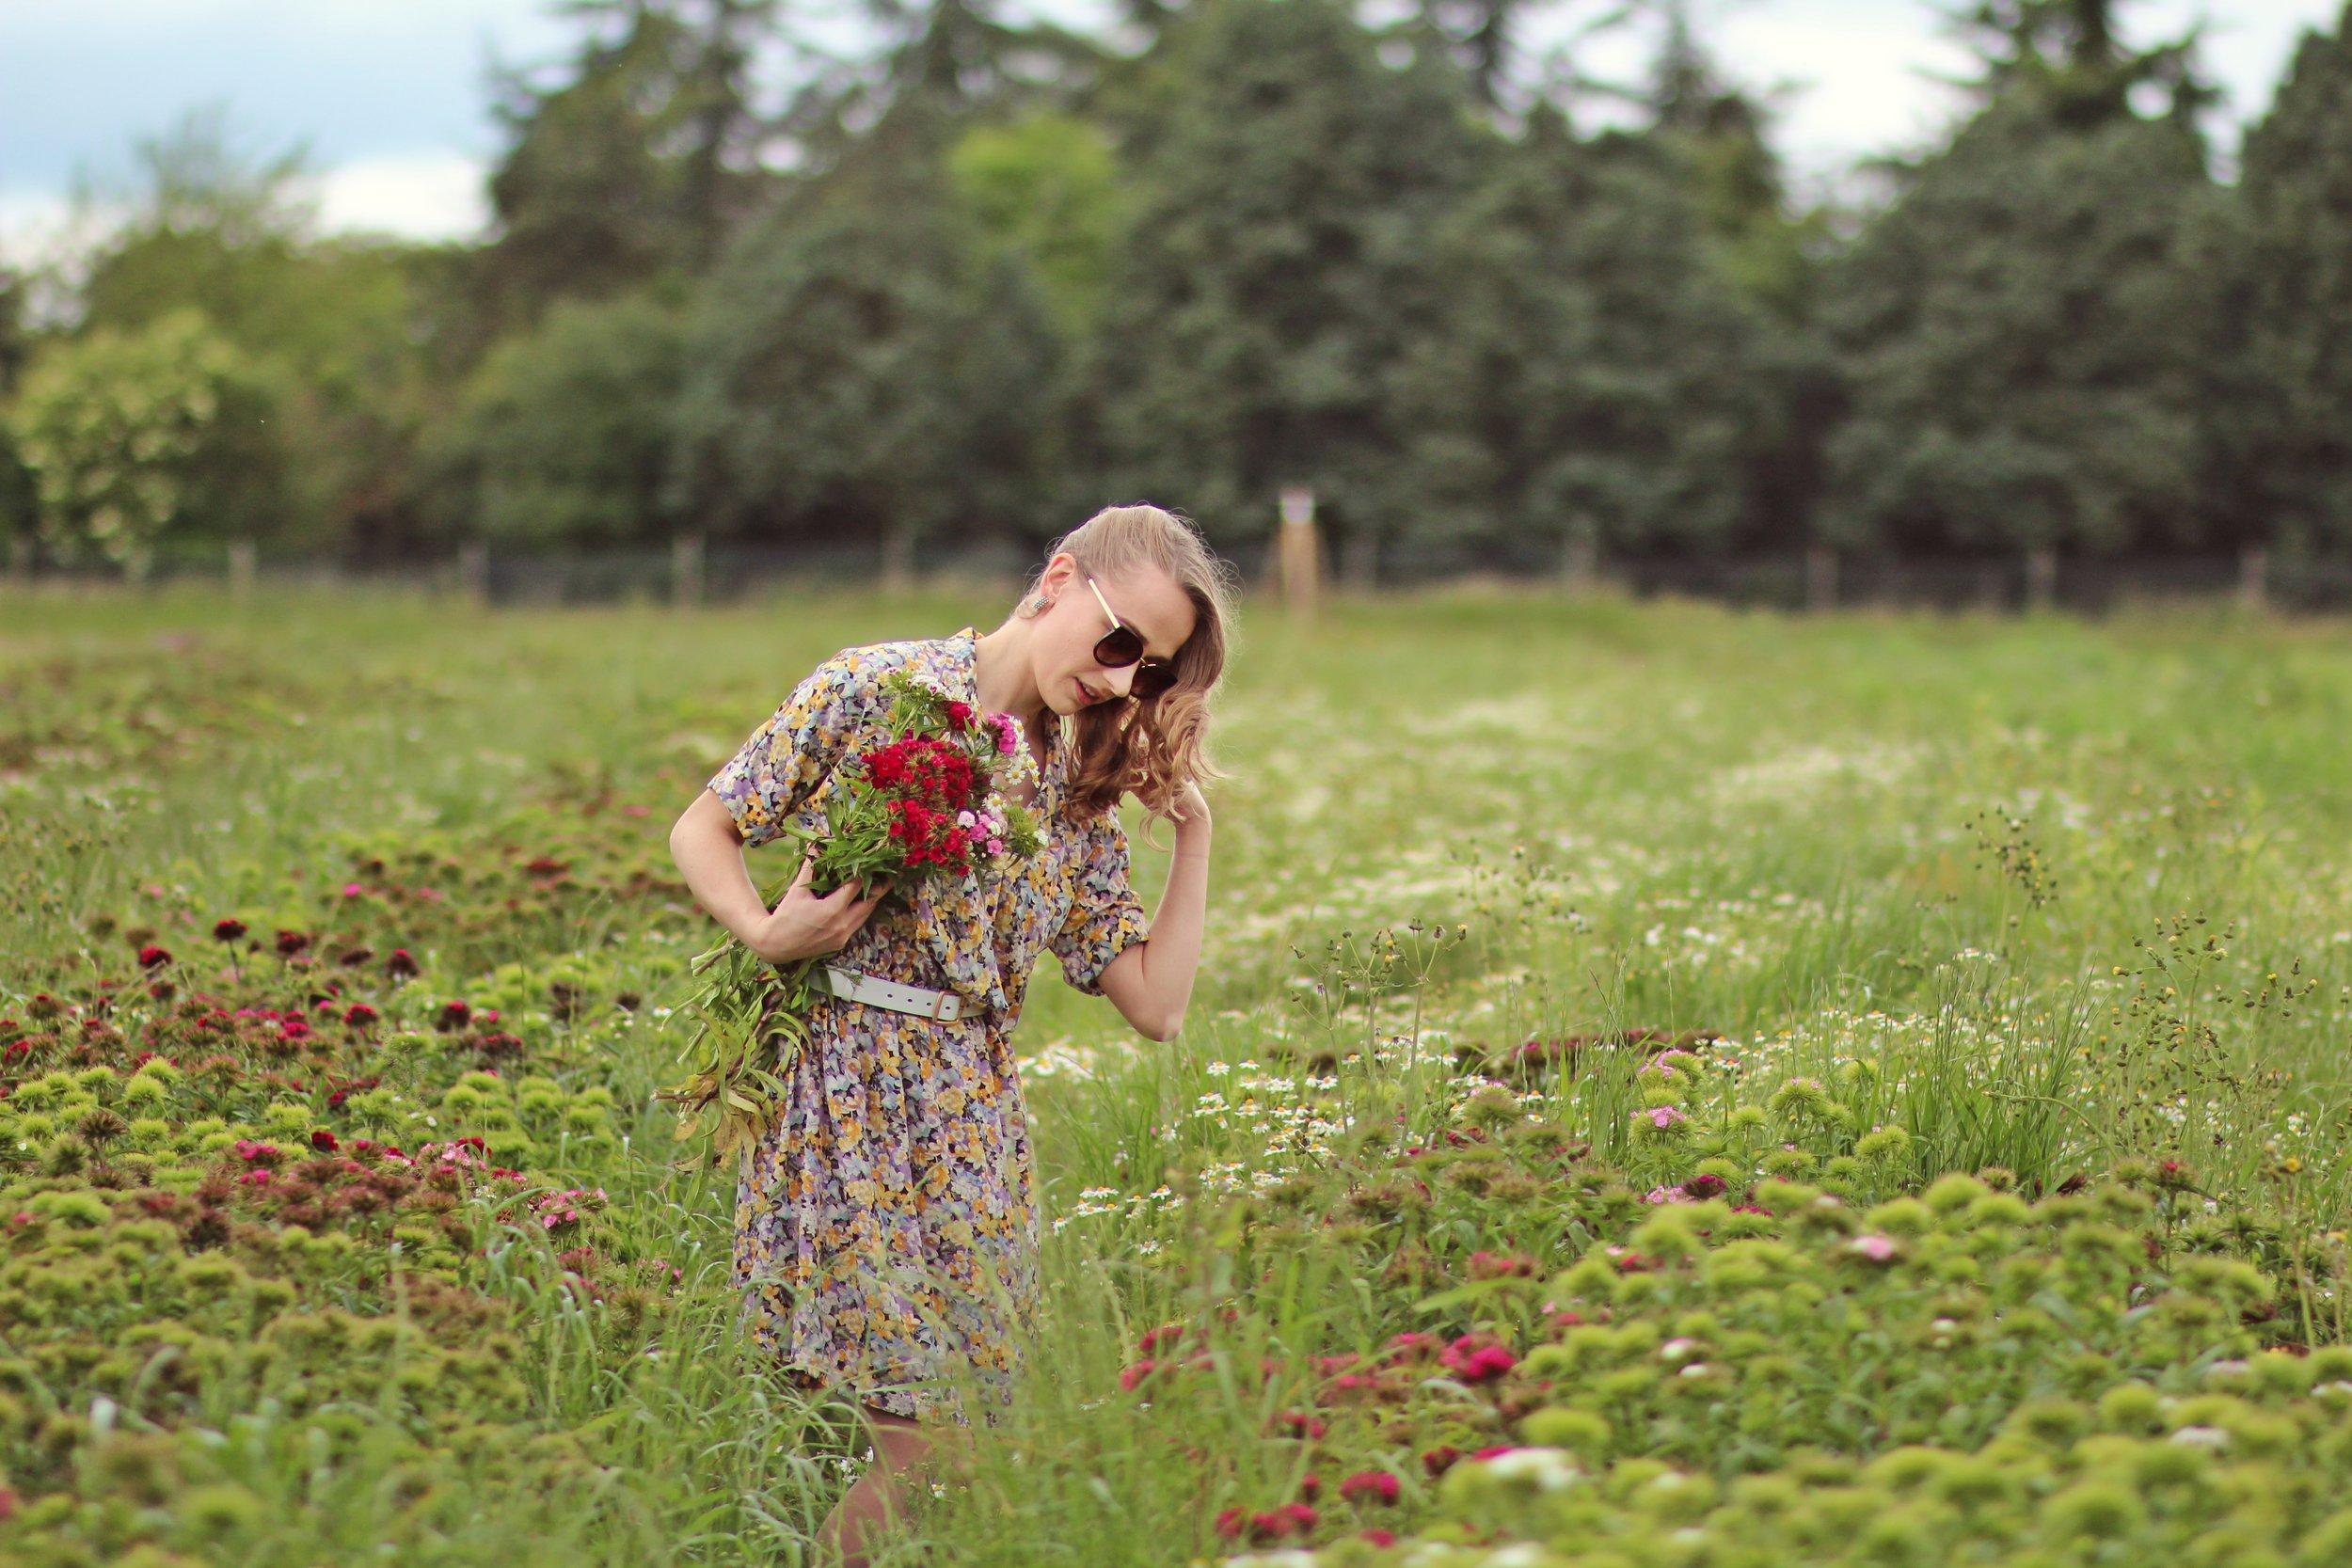 Cueillette Gally: cueillir champs fleurs oeuillets